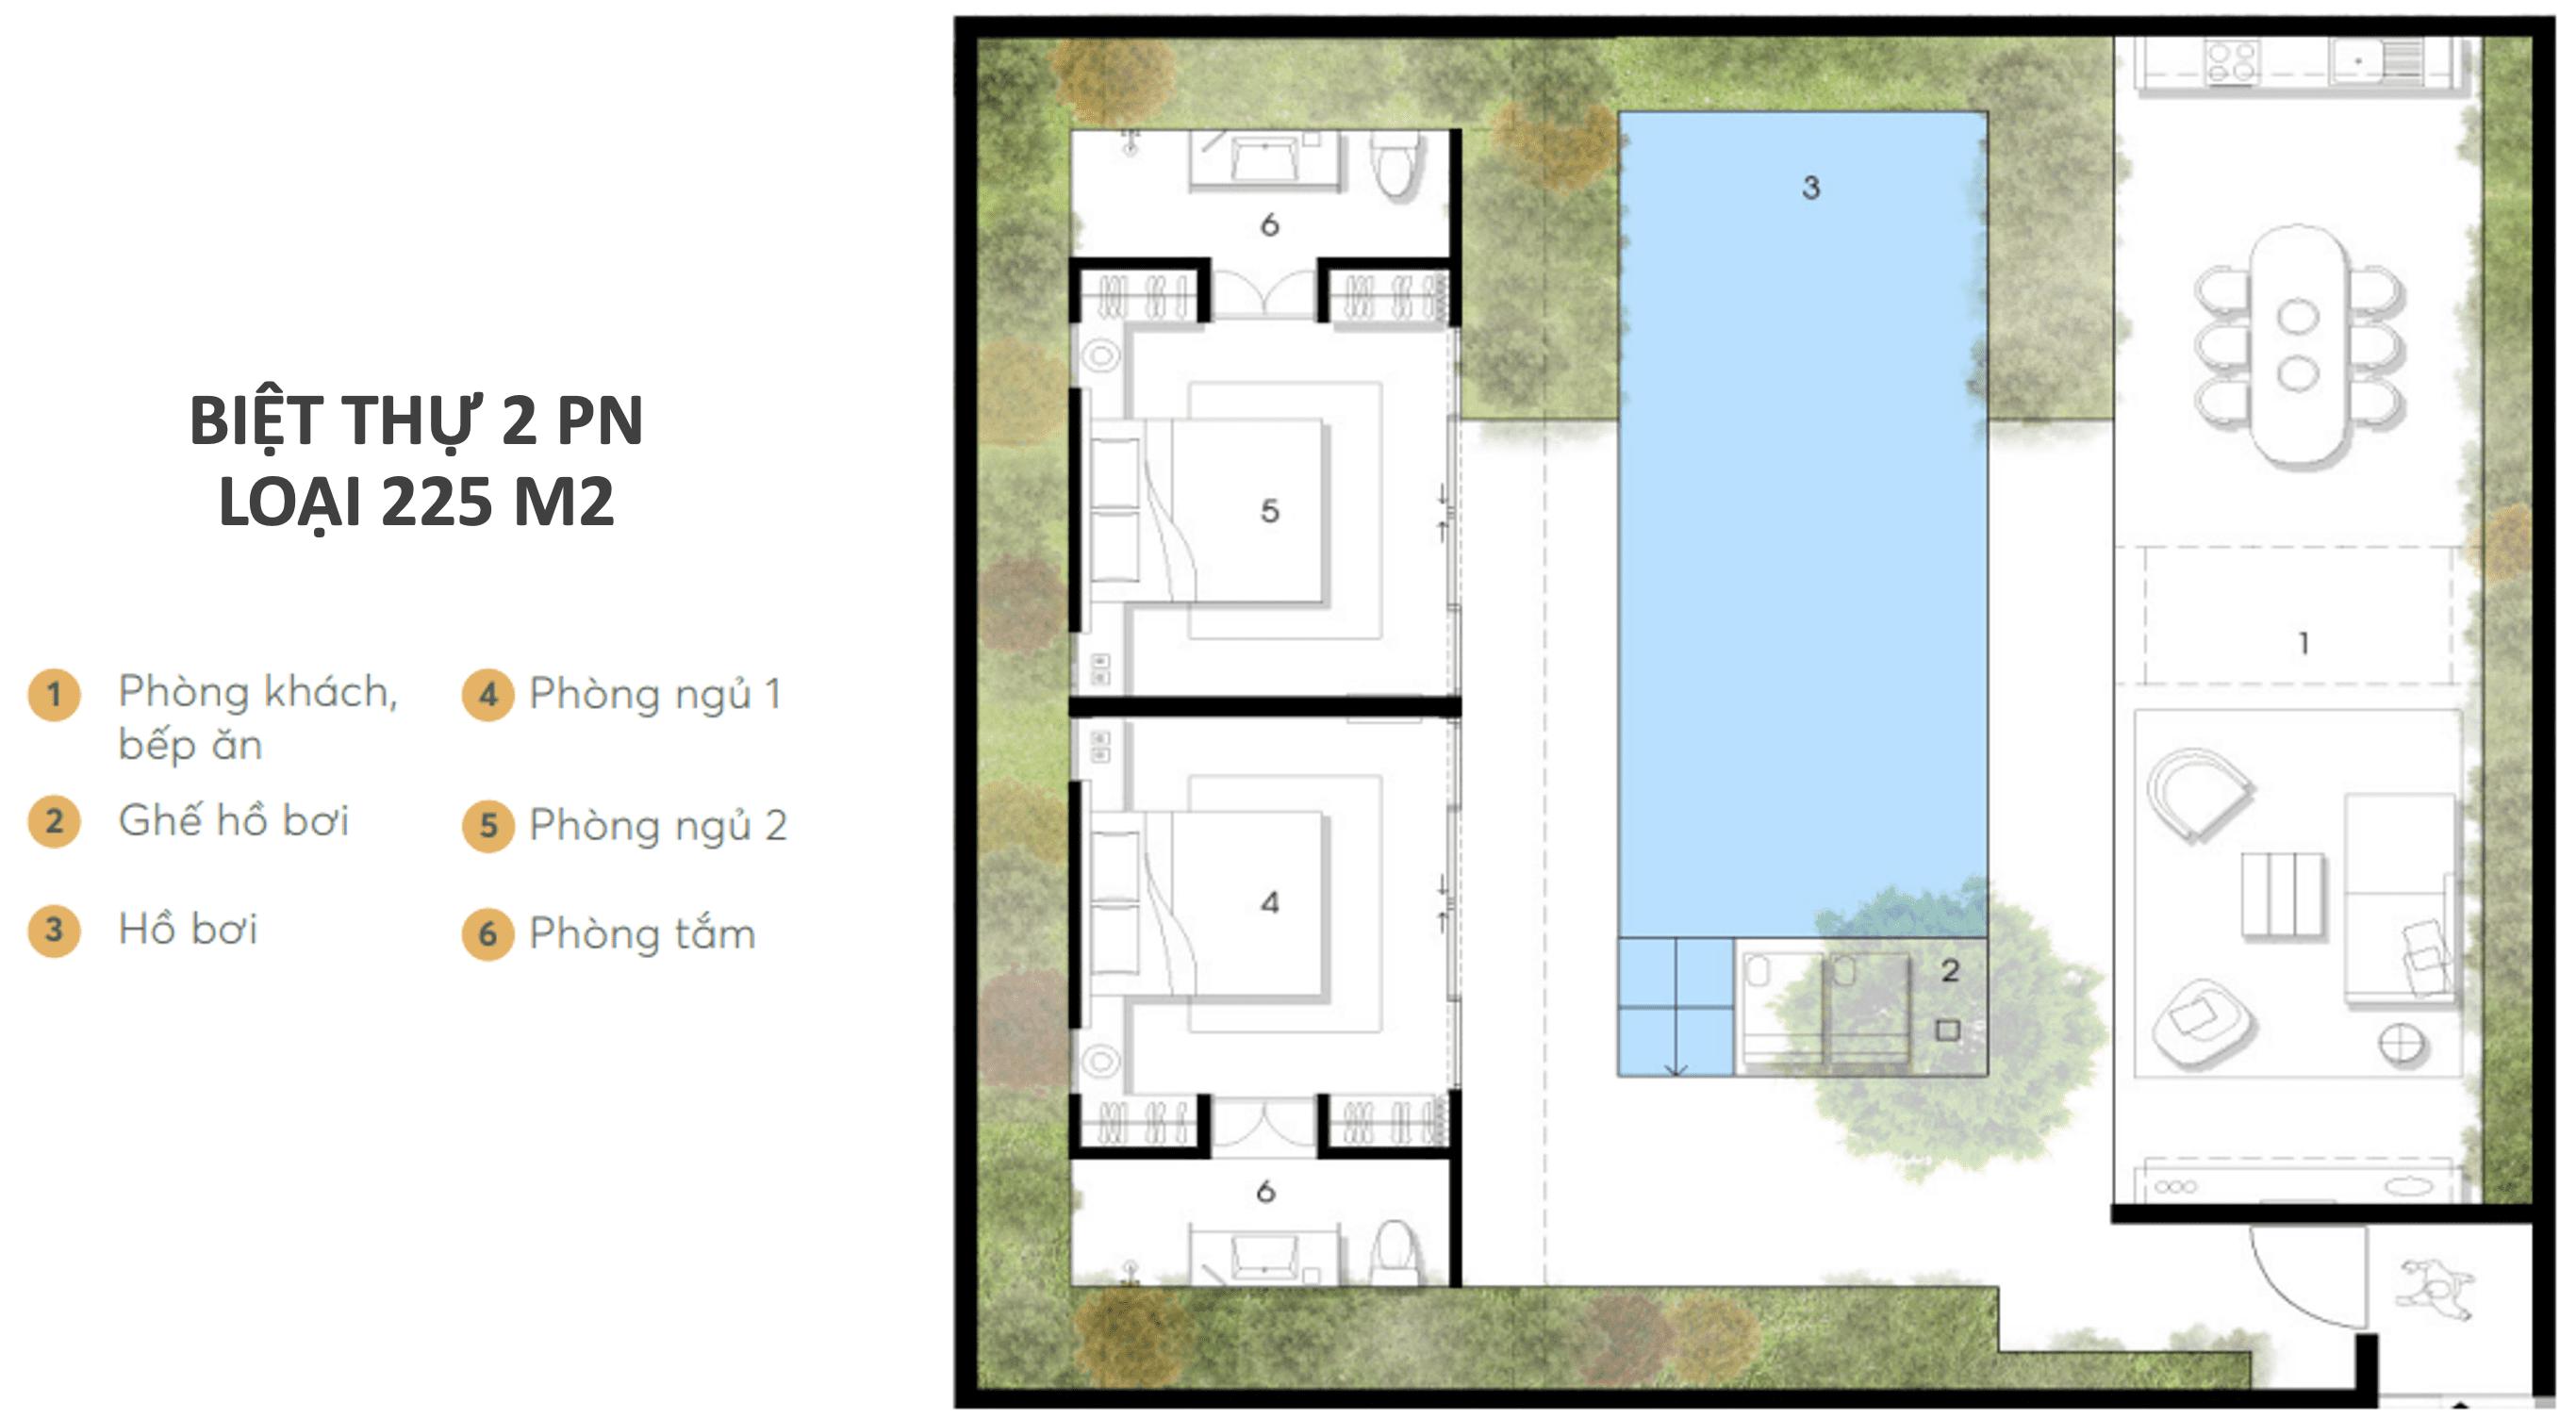 Wyndham Garden Phú Quốc - Dự án Nam Group - Loại 2PN ĐB